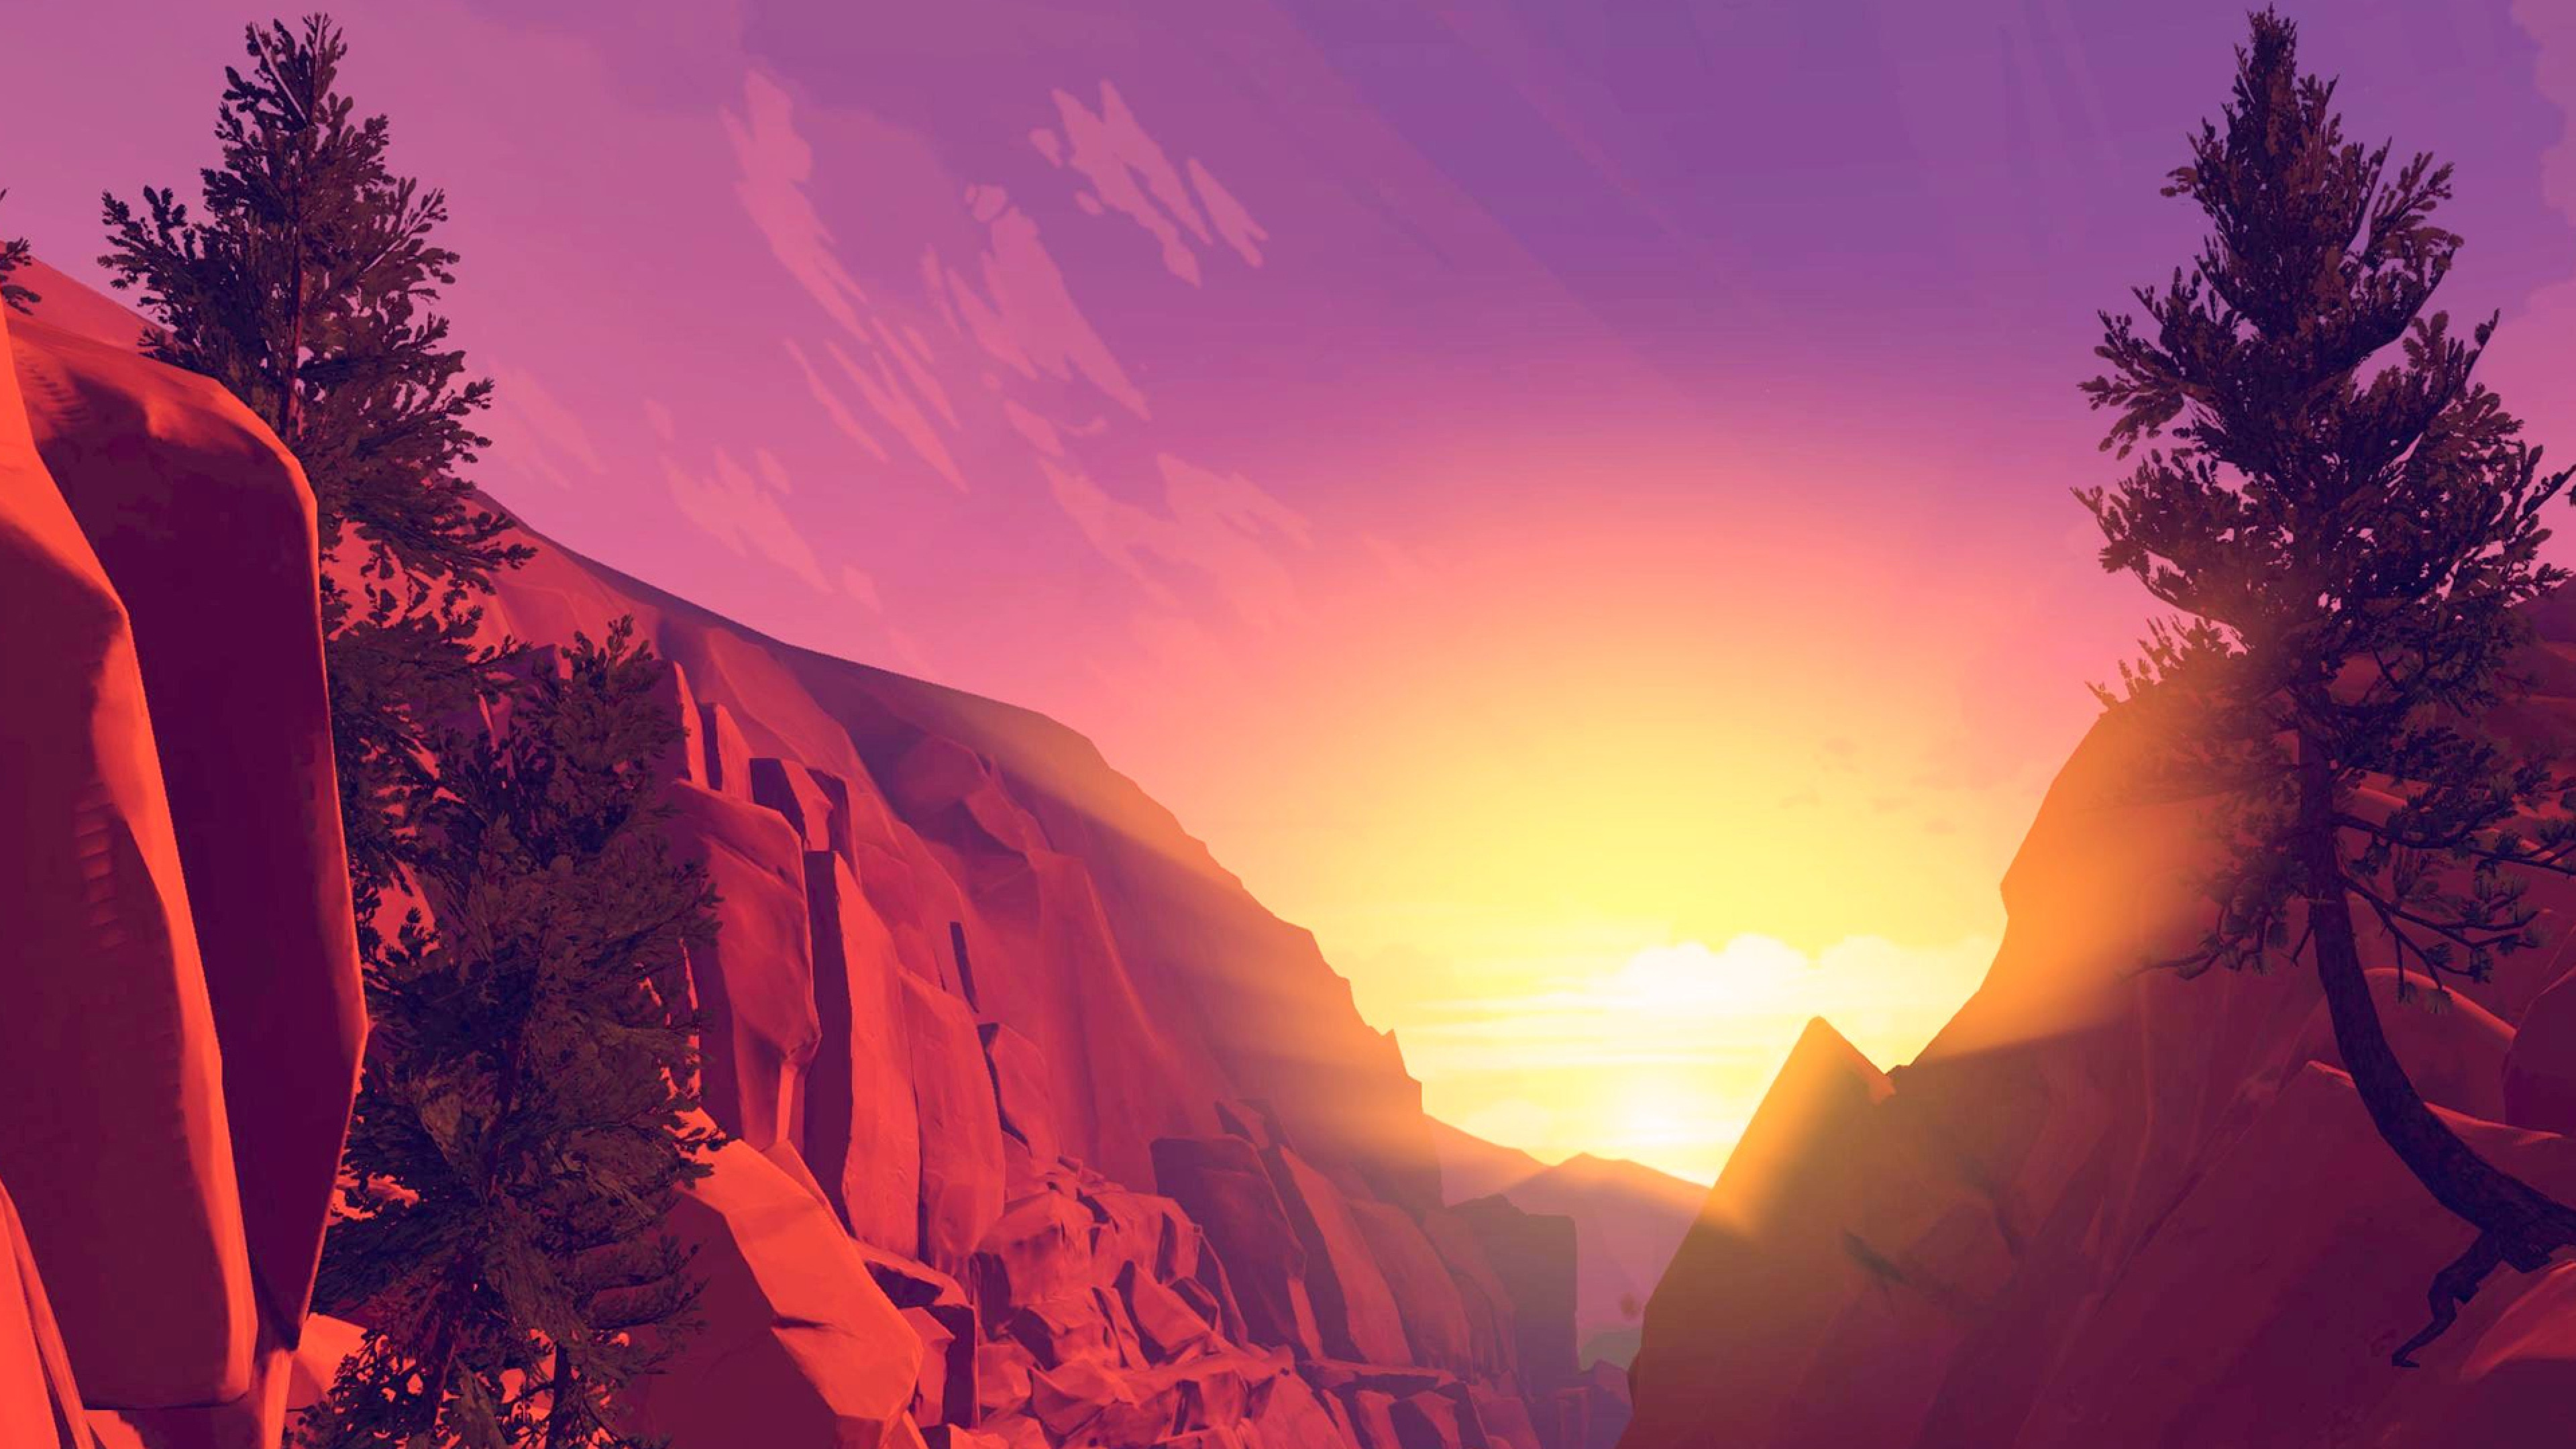 3840x2160 Sunset Fire Watch Background 4k Wallpaper Hd